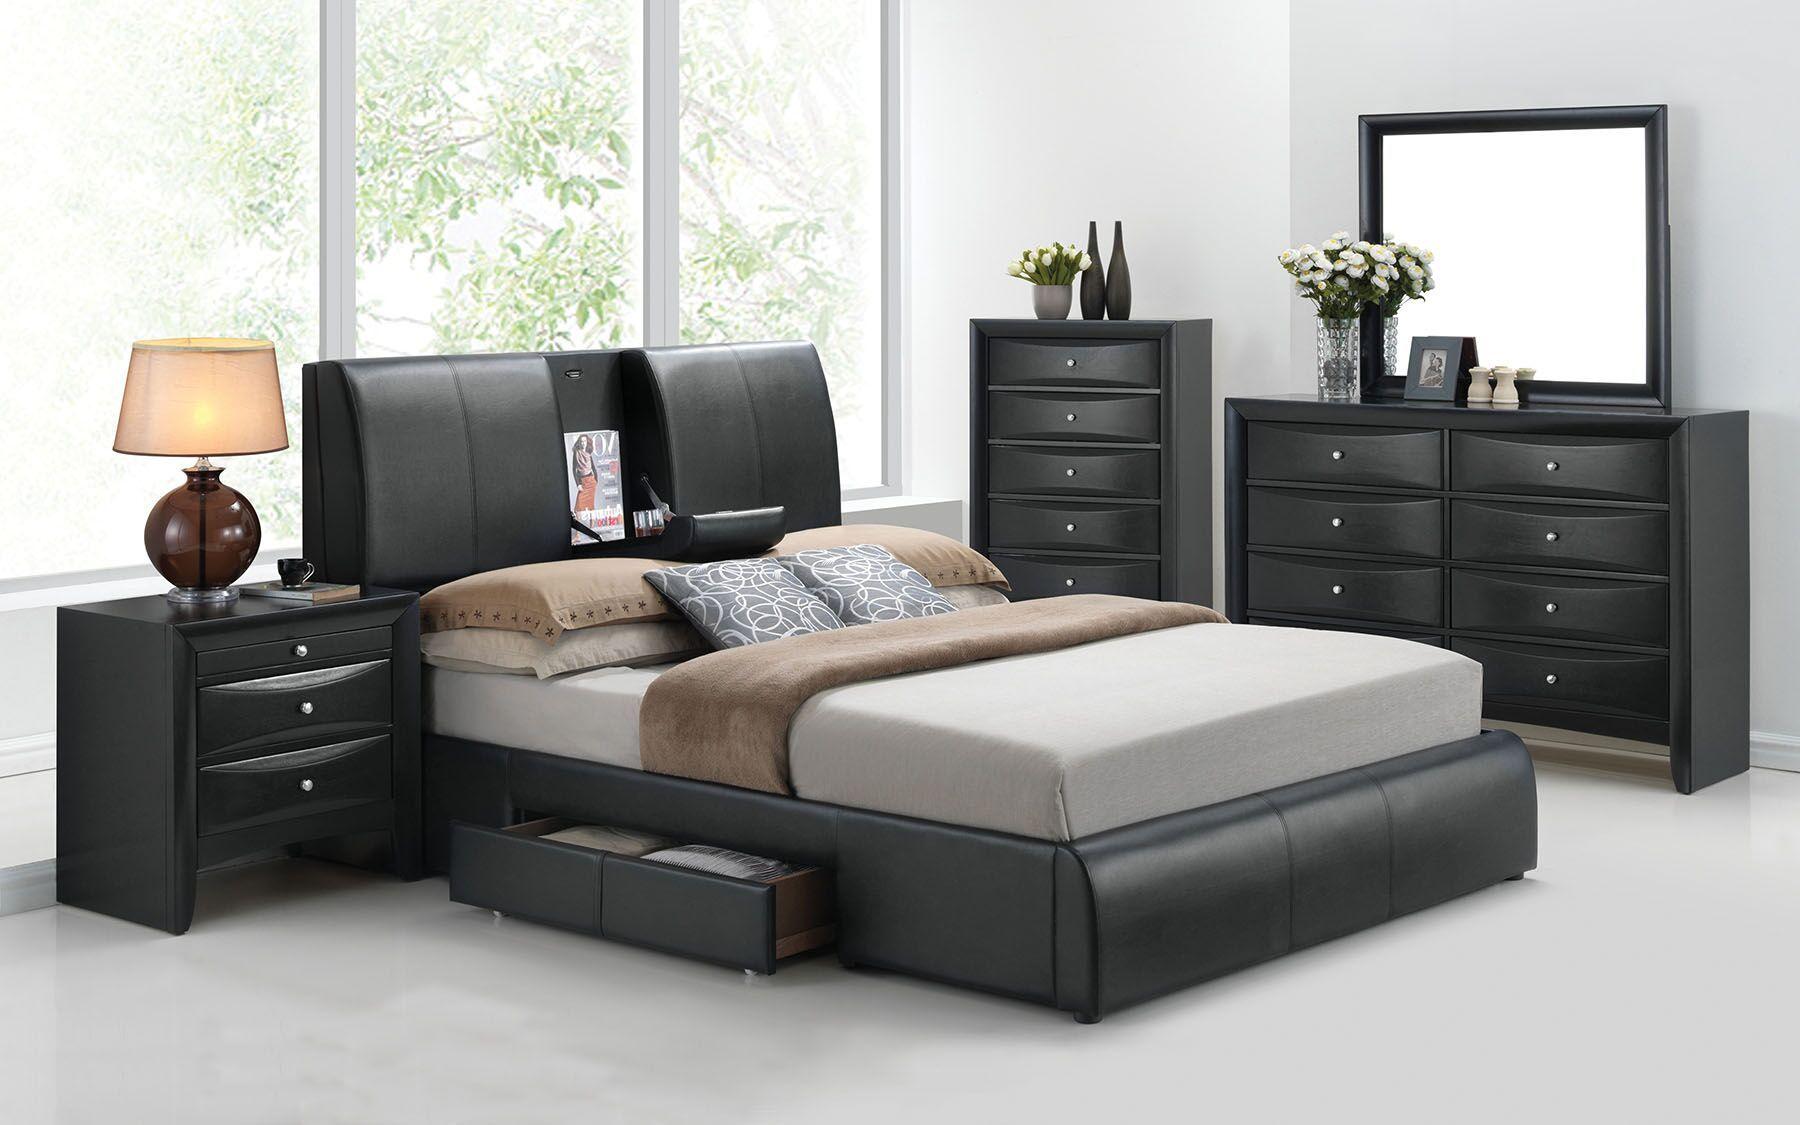 Kofi Queen Size Bed